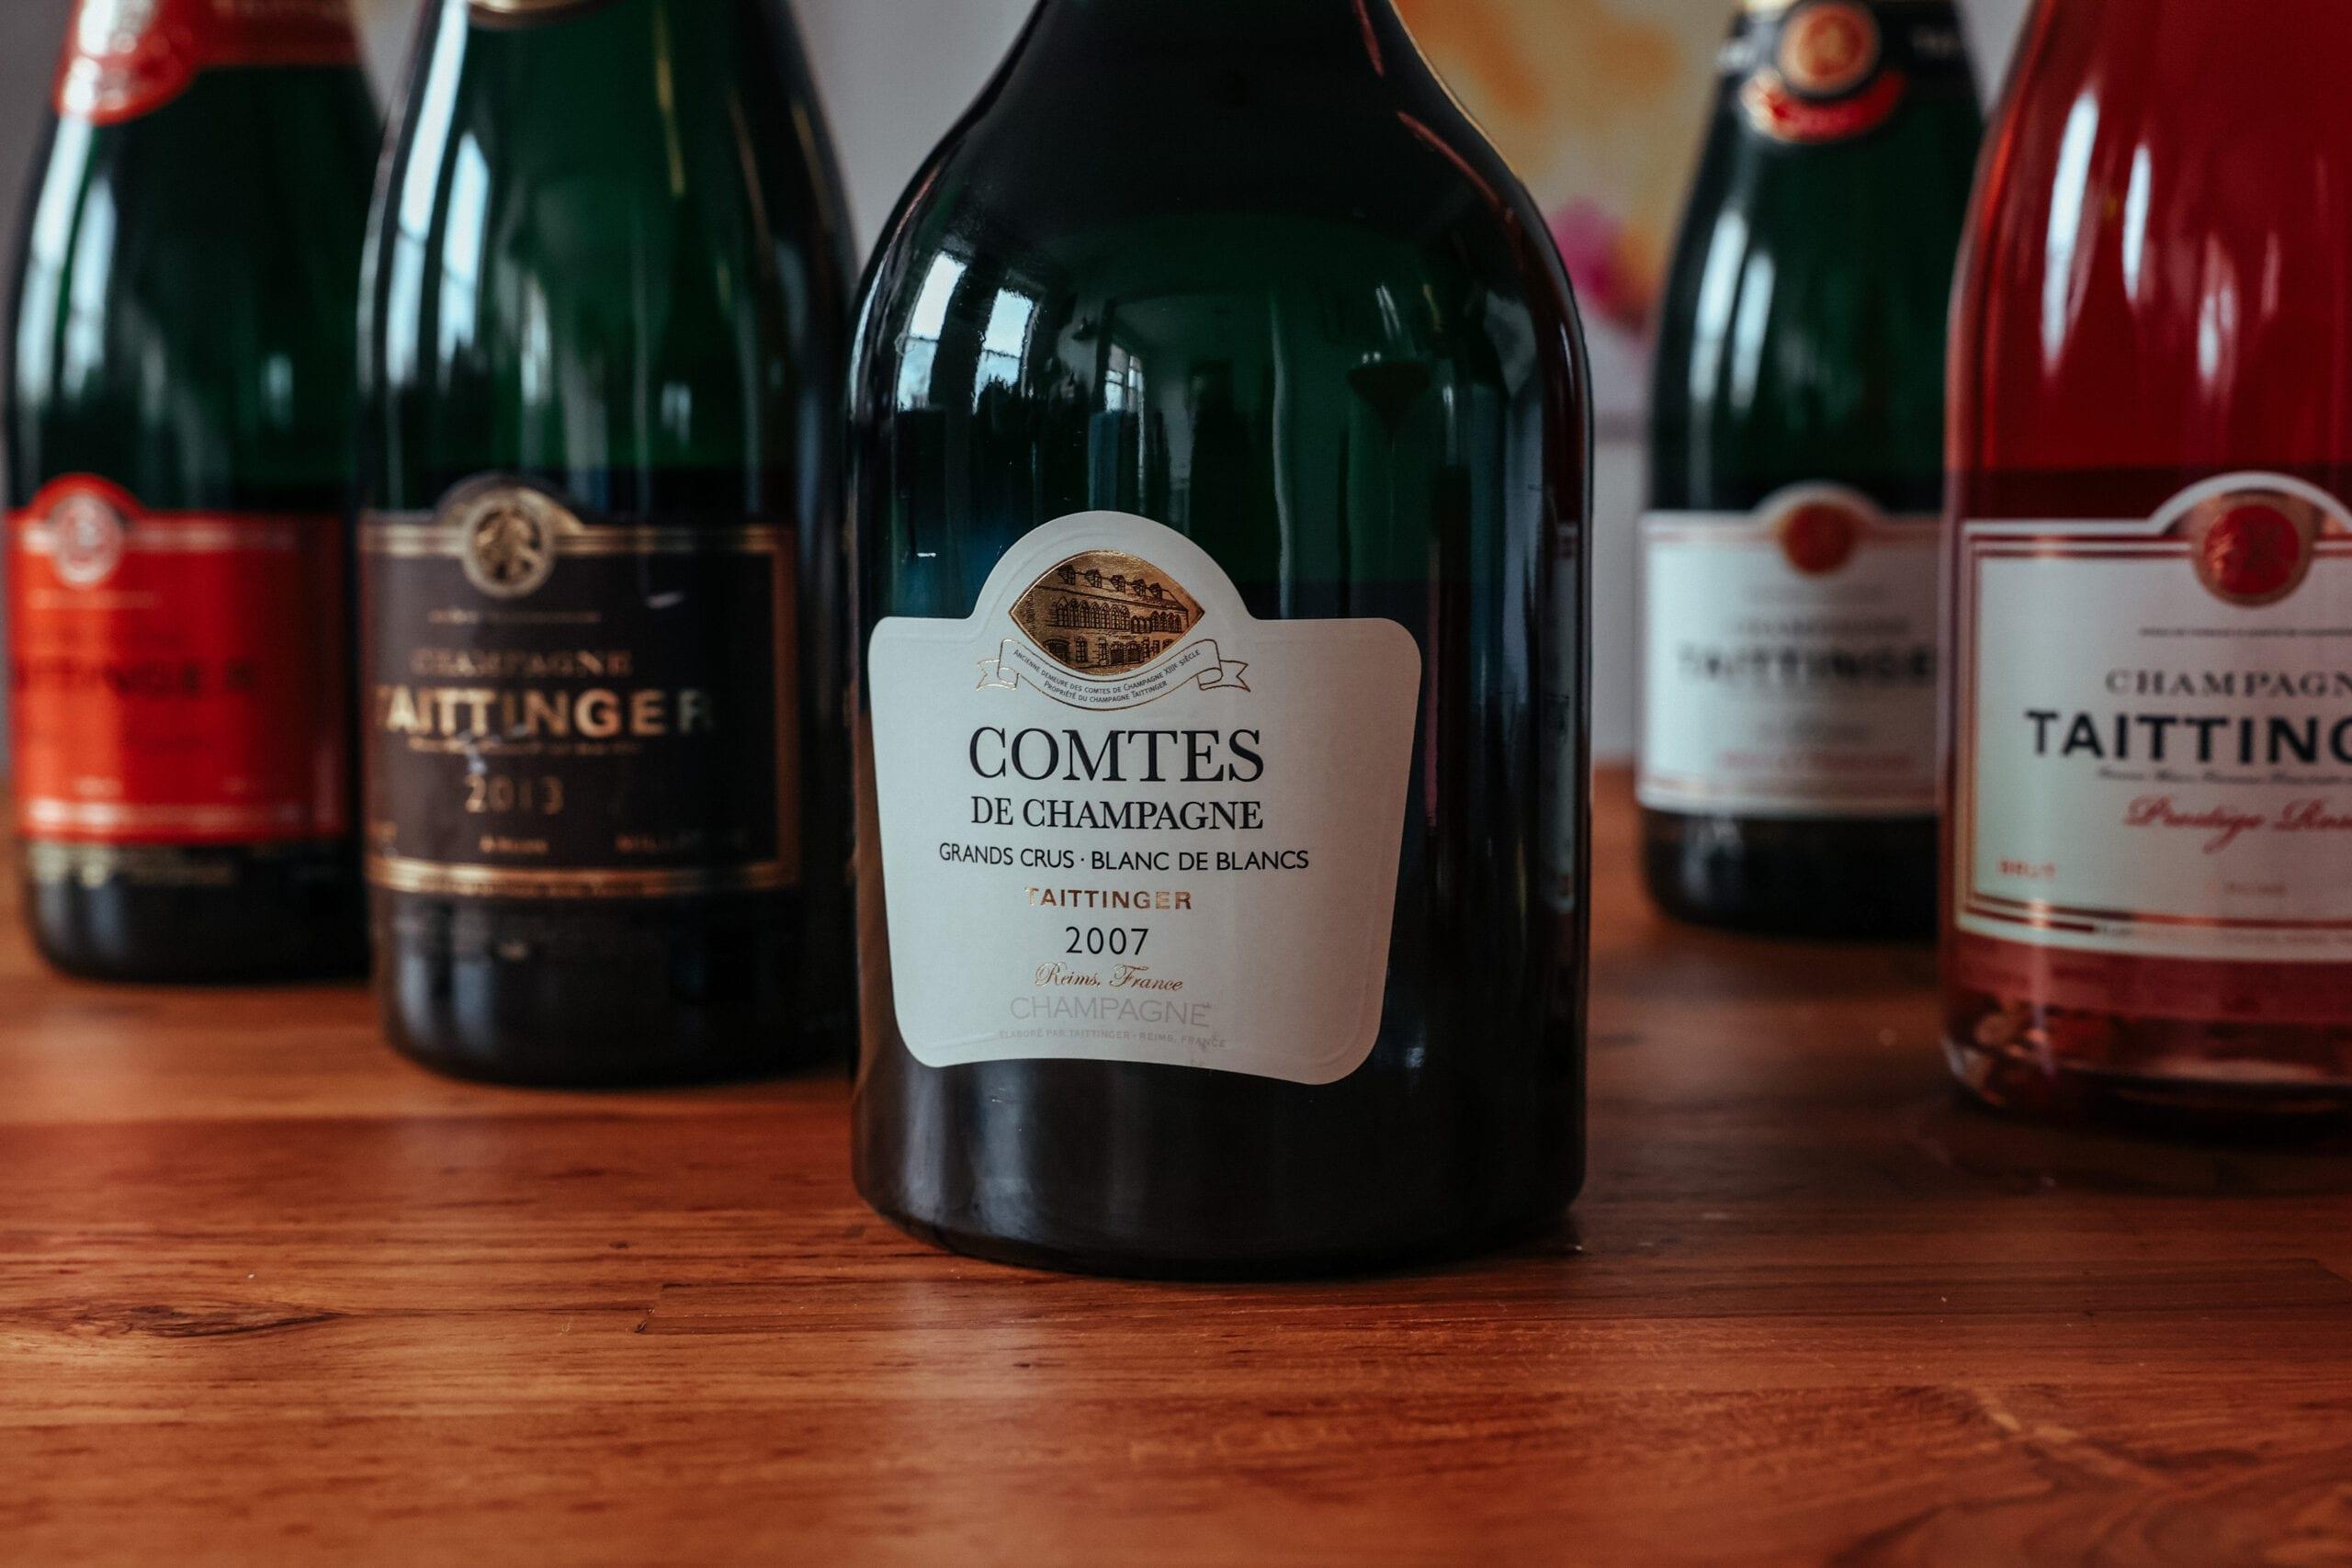 Champagne wine bottles, Taittinger